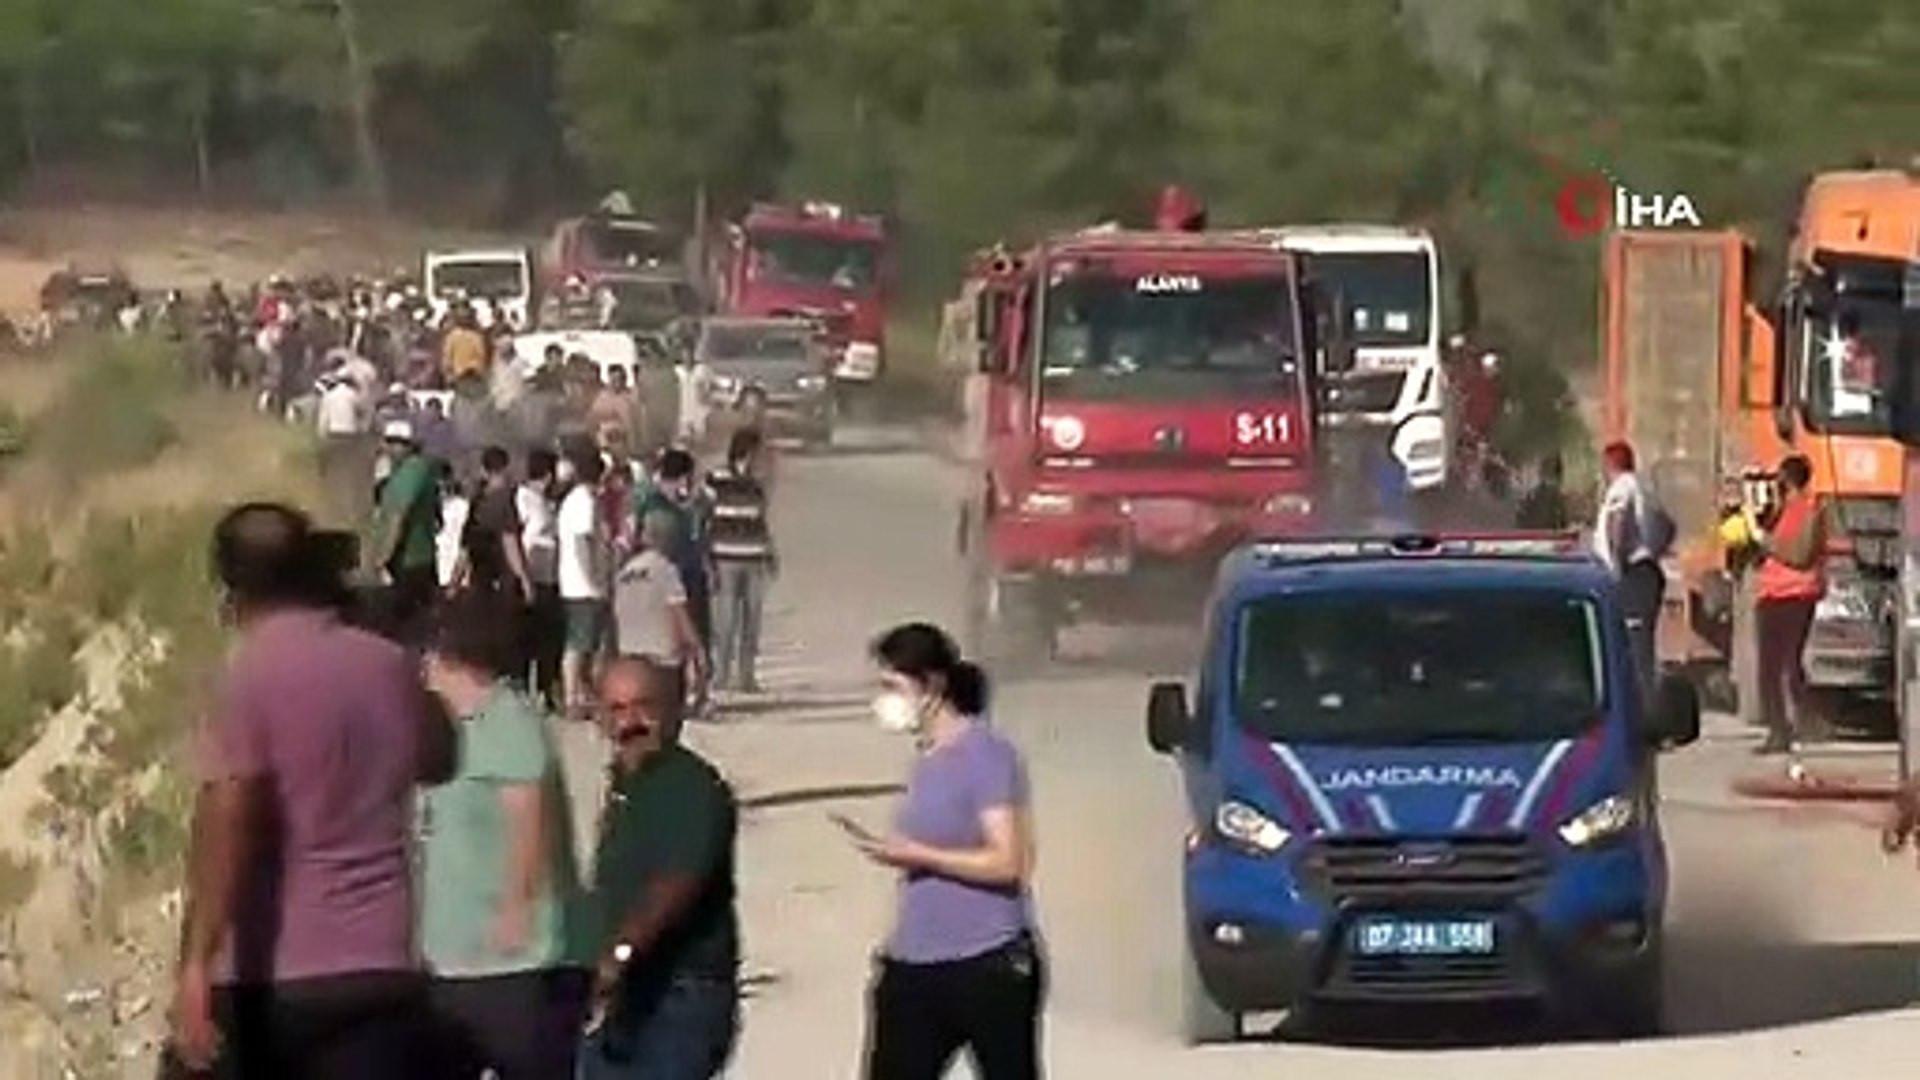 Alevlerin arasında kalan vatandaşların acı çığlığı!